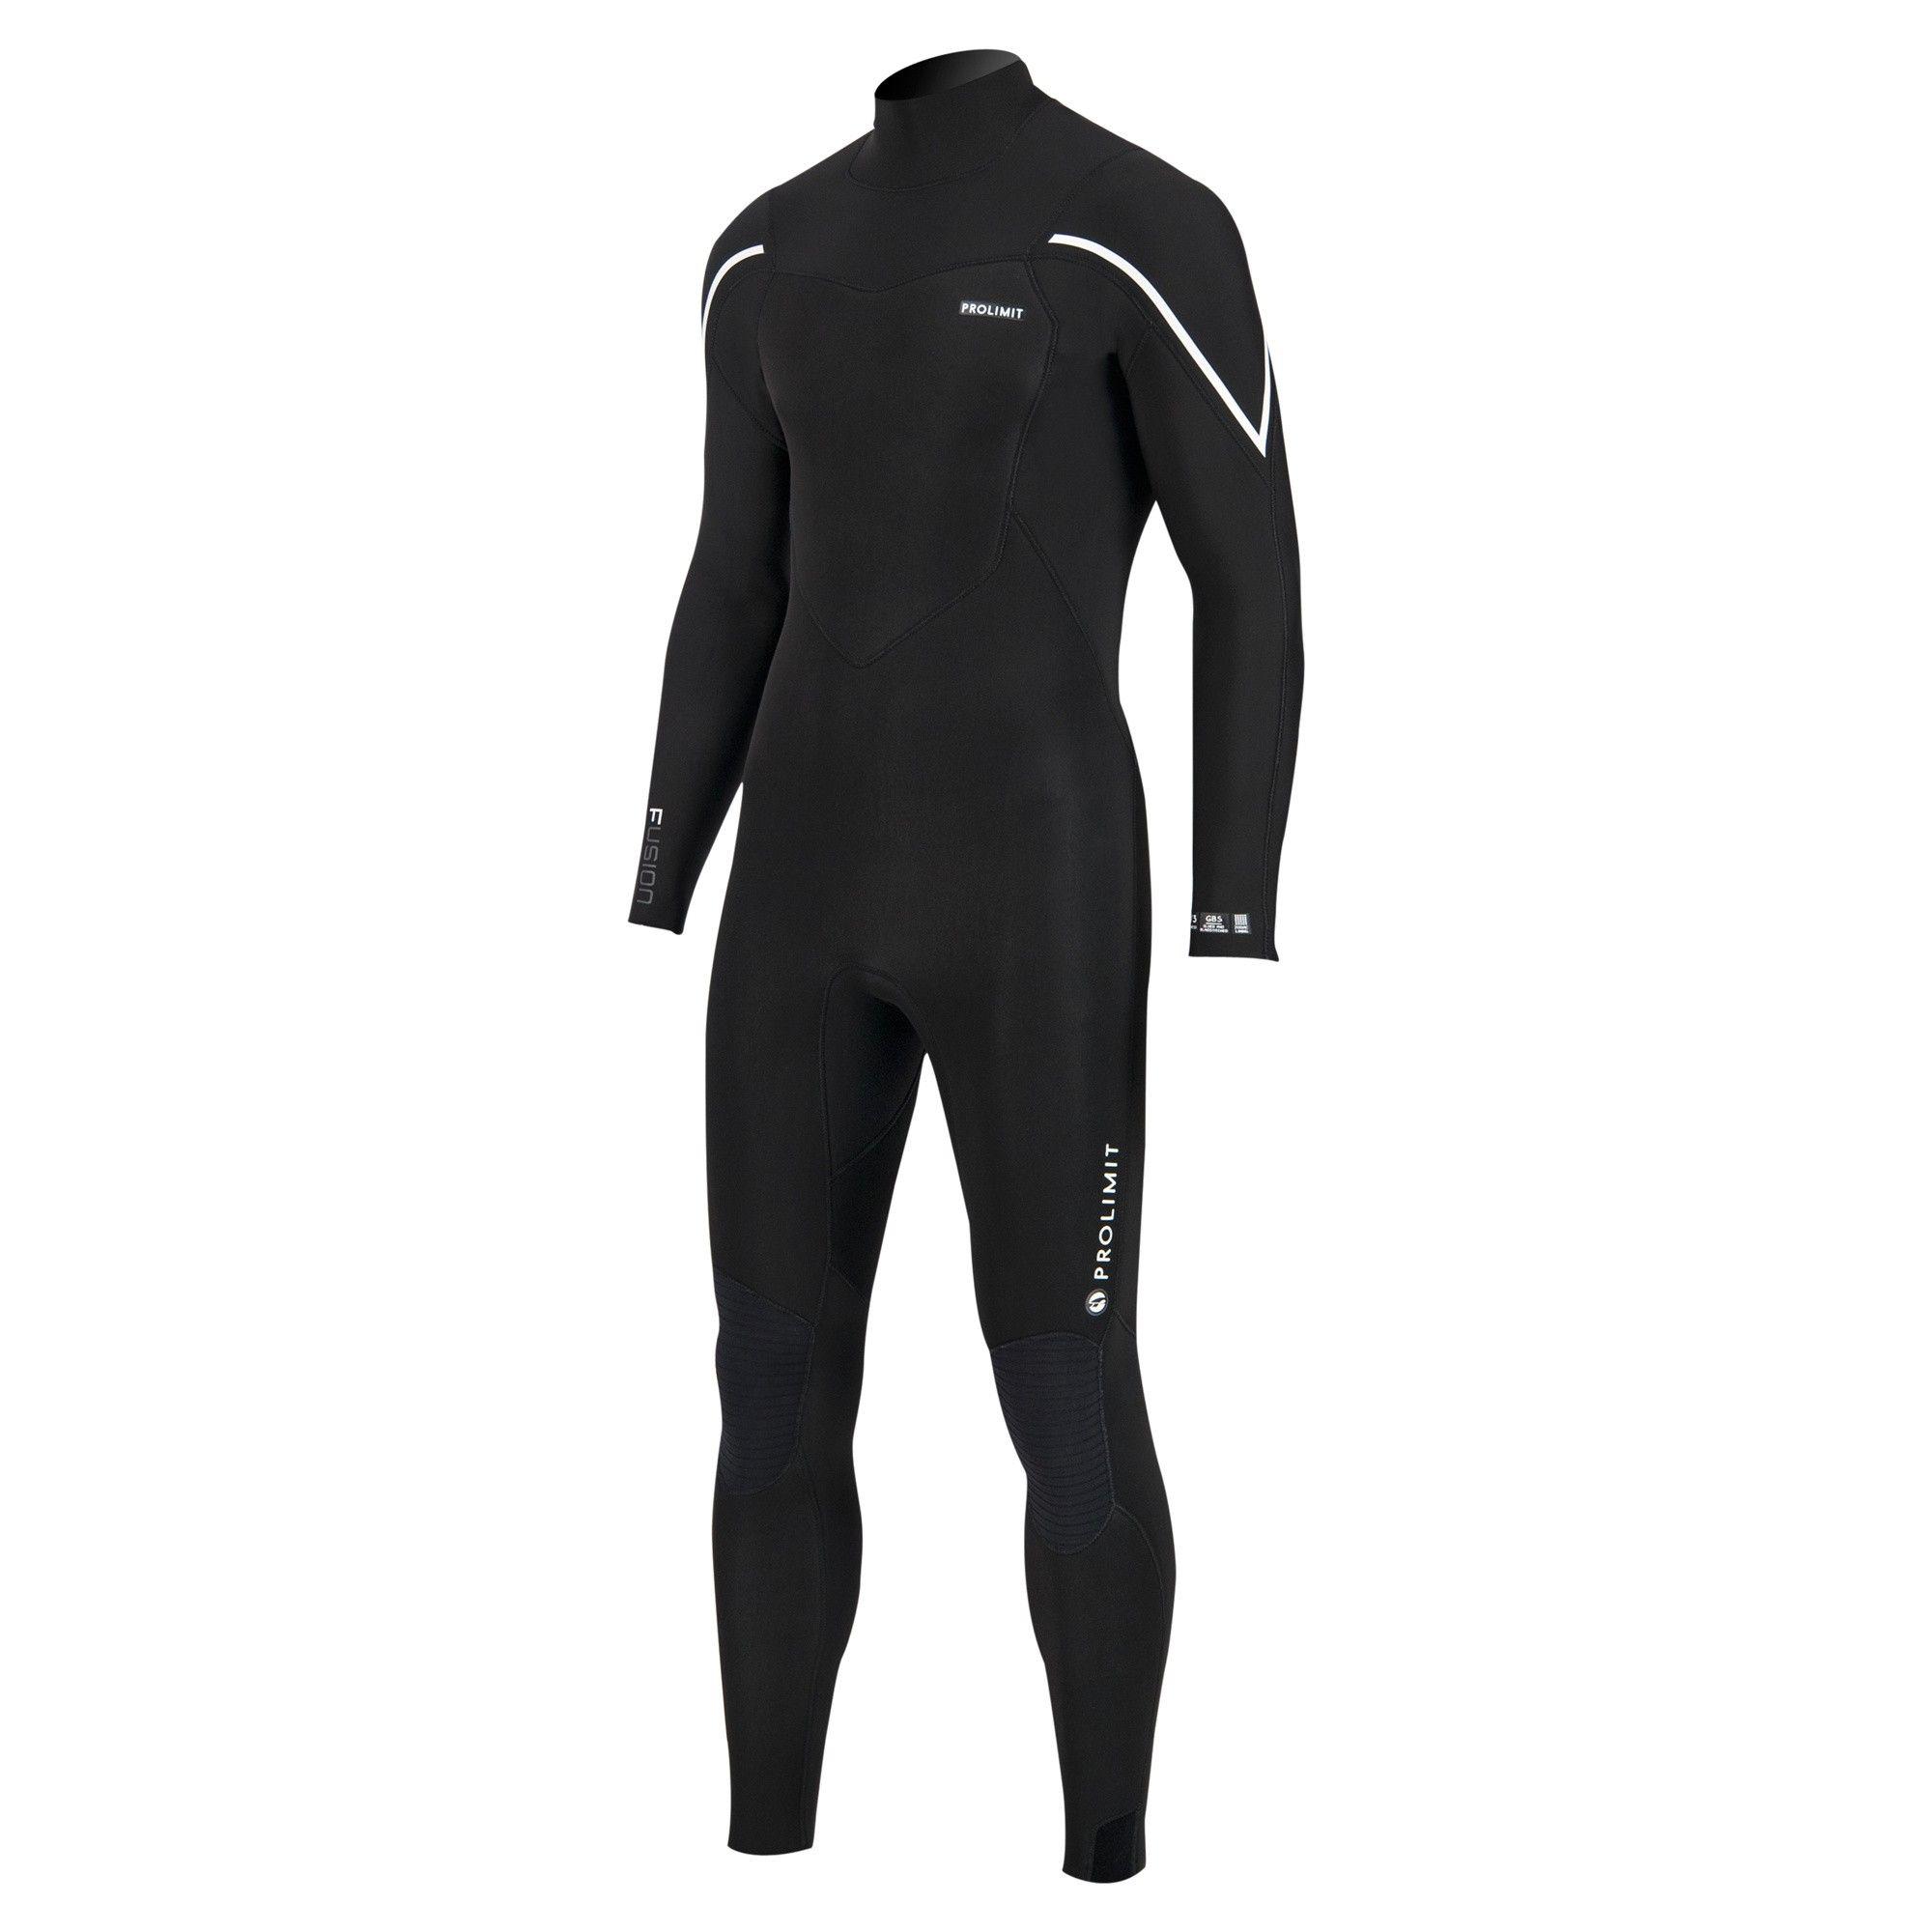 Prolimit Fusion wetsuit 5/3 back zipp